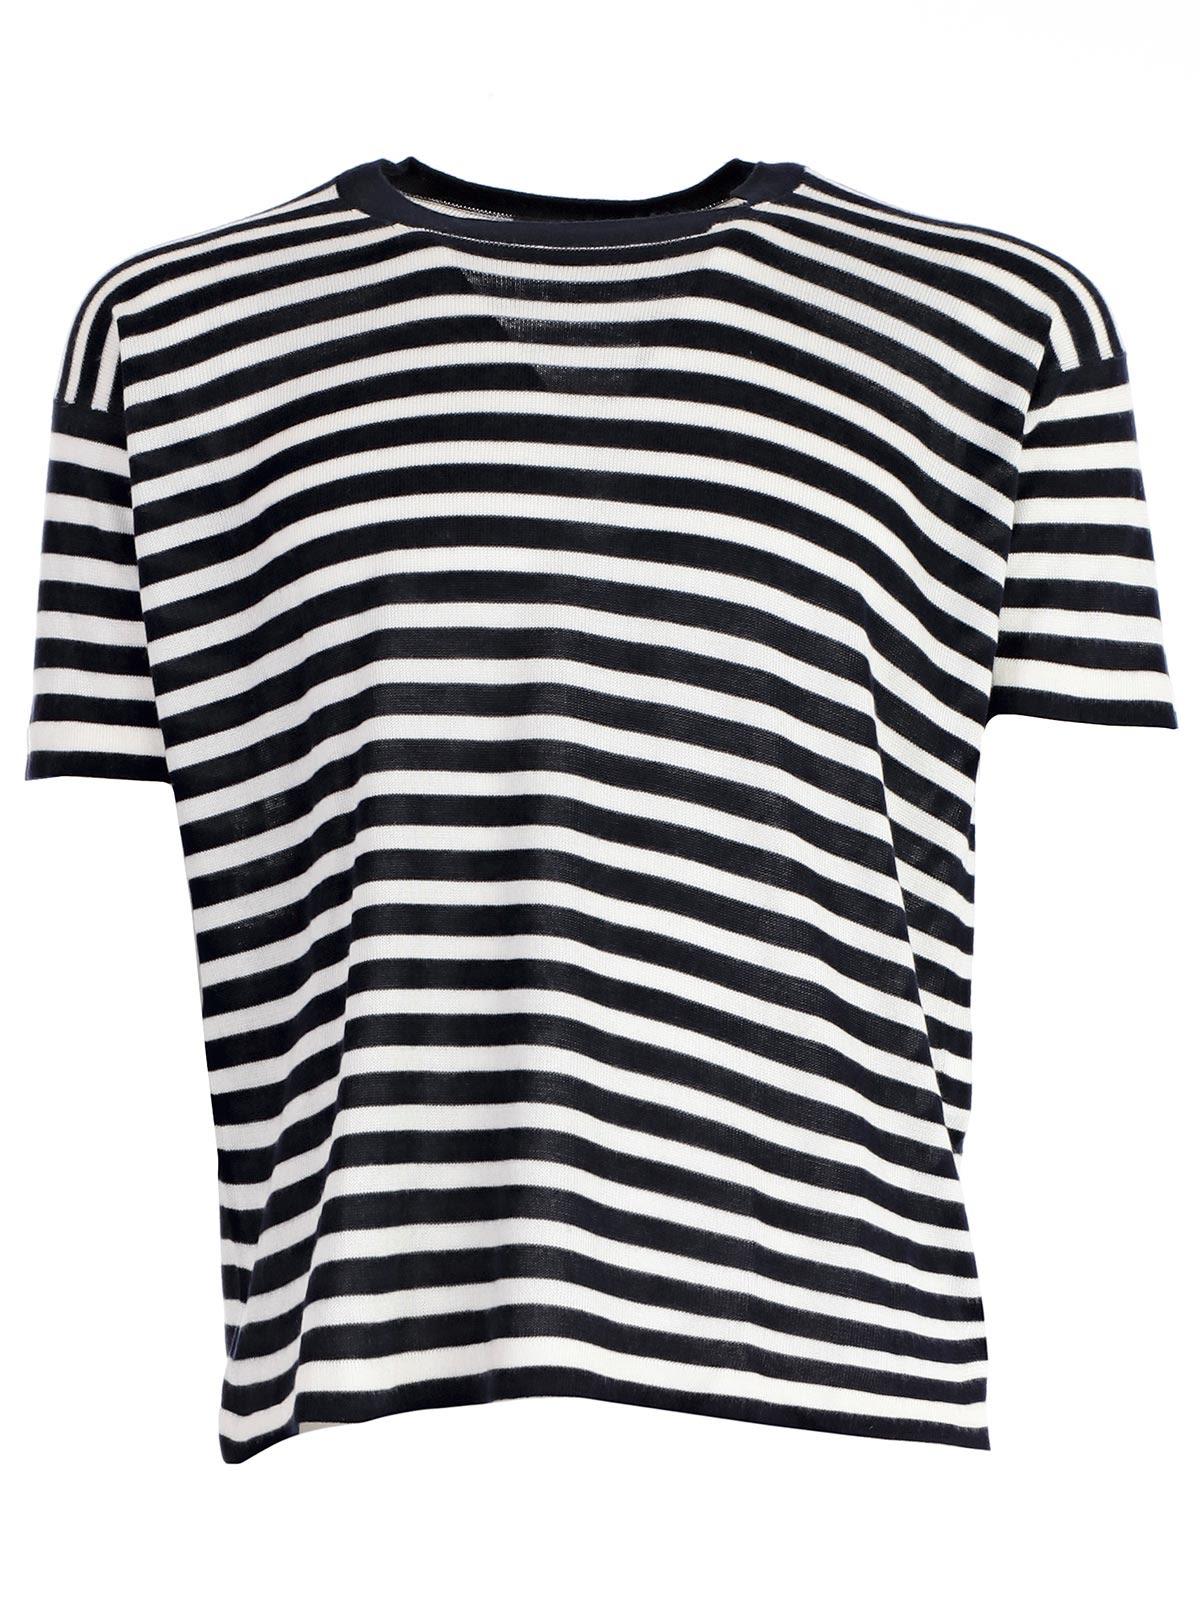 Maison Flaneur Short Sleeve T-Shirt